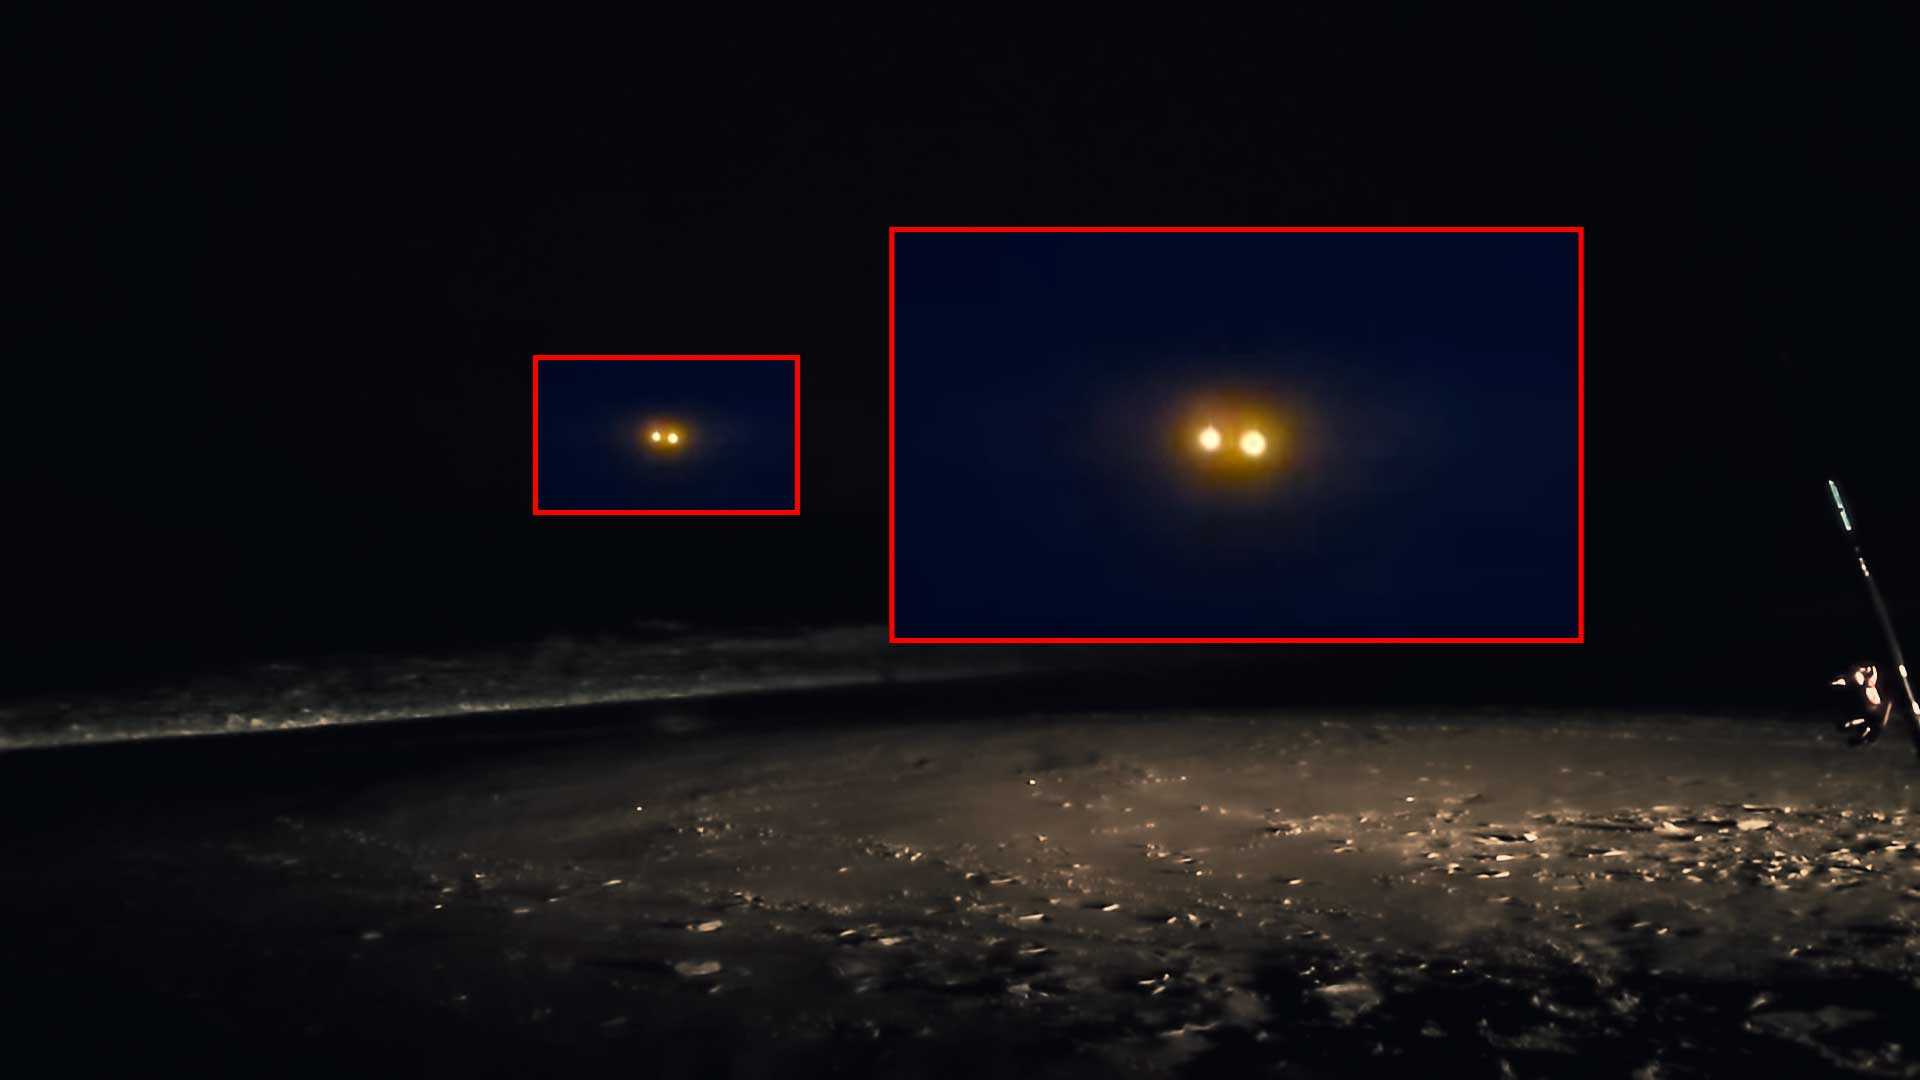 ¿Puede ser esto un OSNI? raro objeto captado sobre el mar en Carolina del Norte